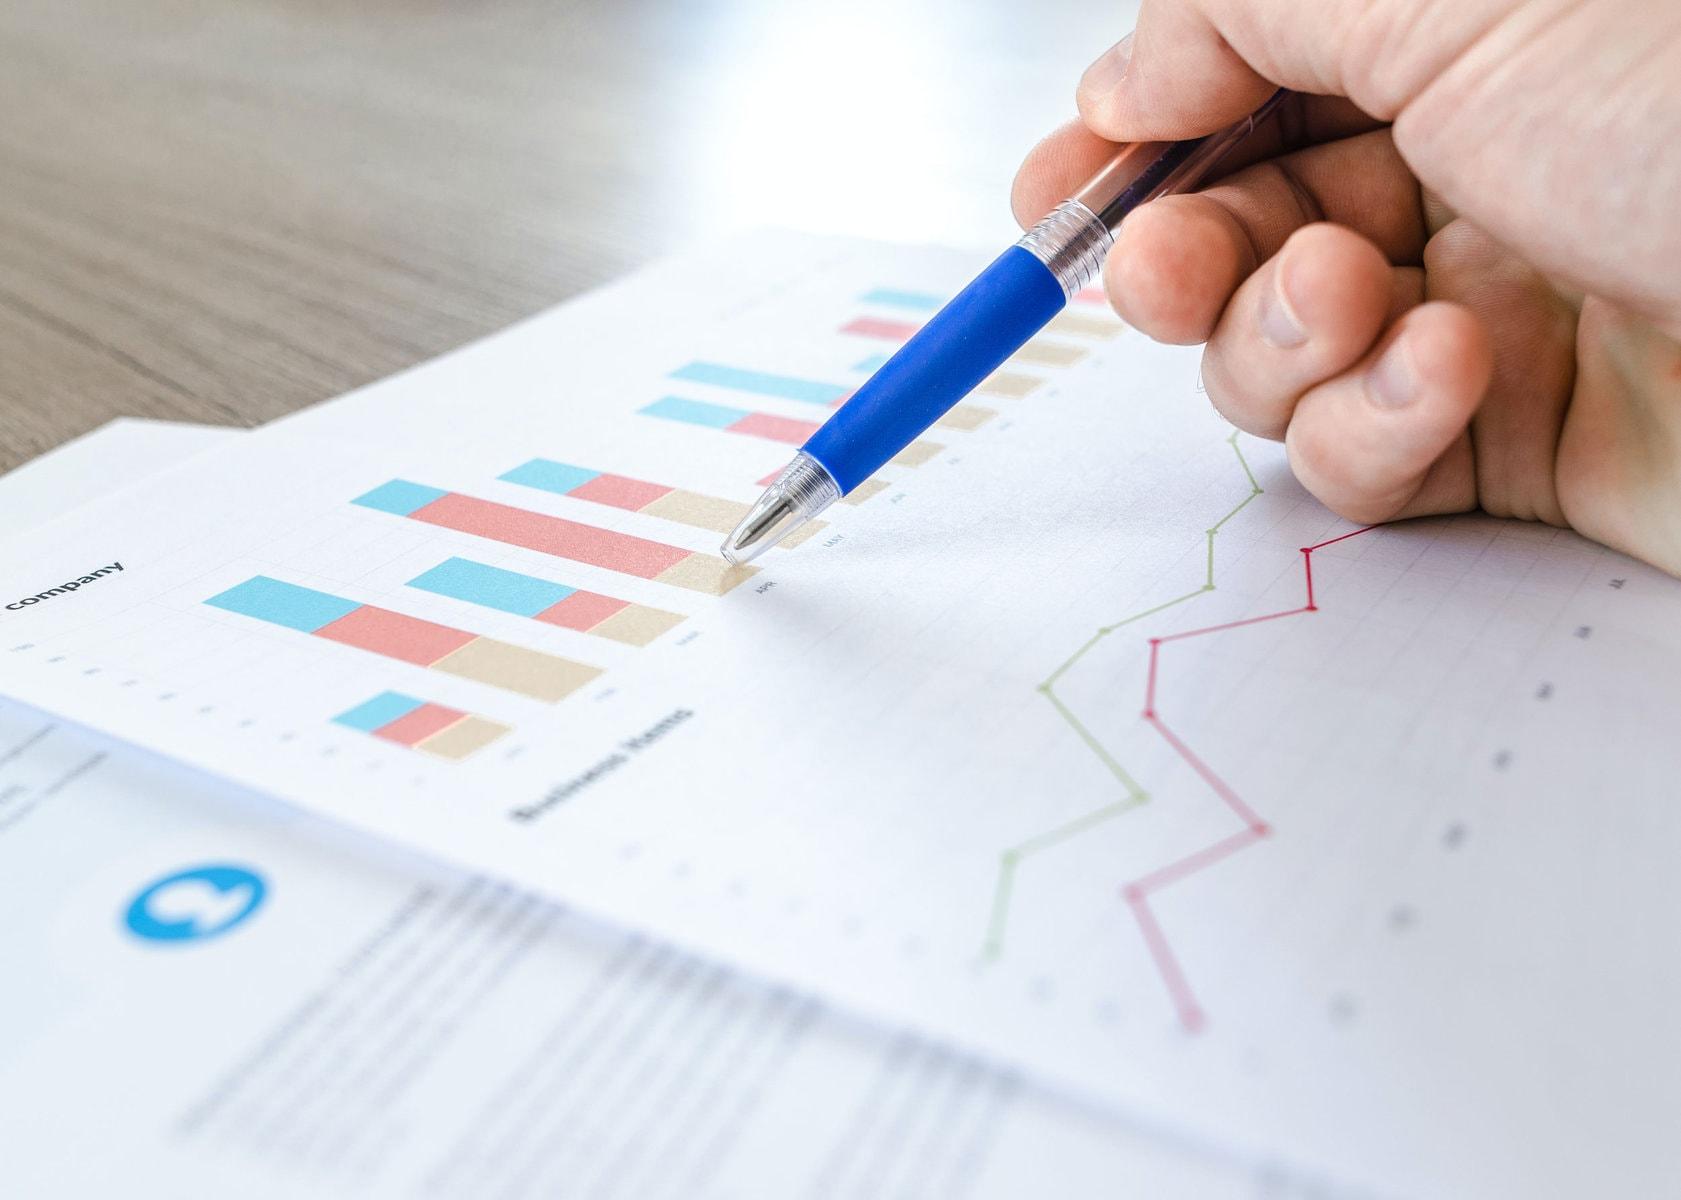 Kundenservice-Transformation führt zu Wachstum